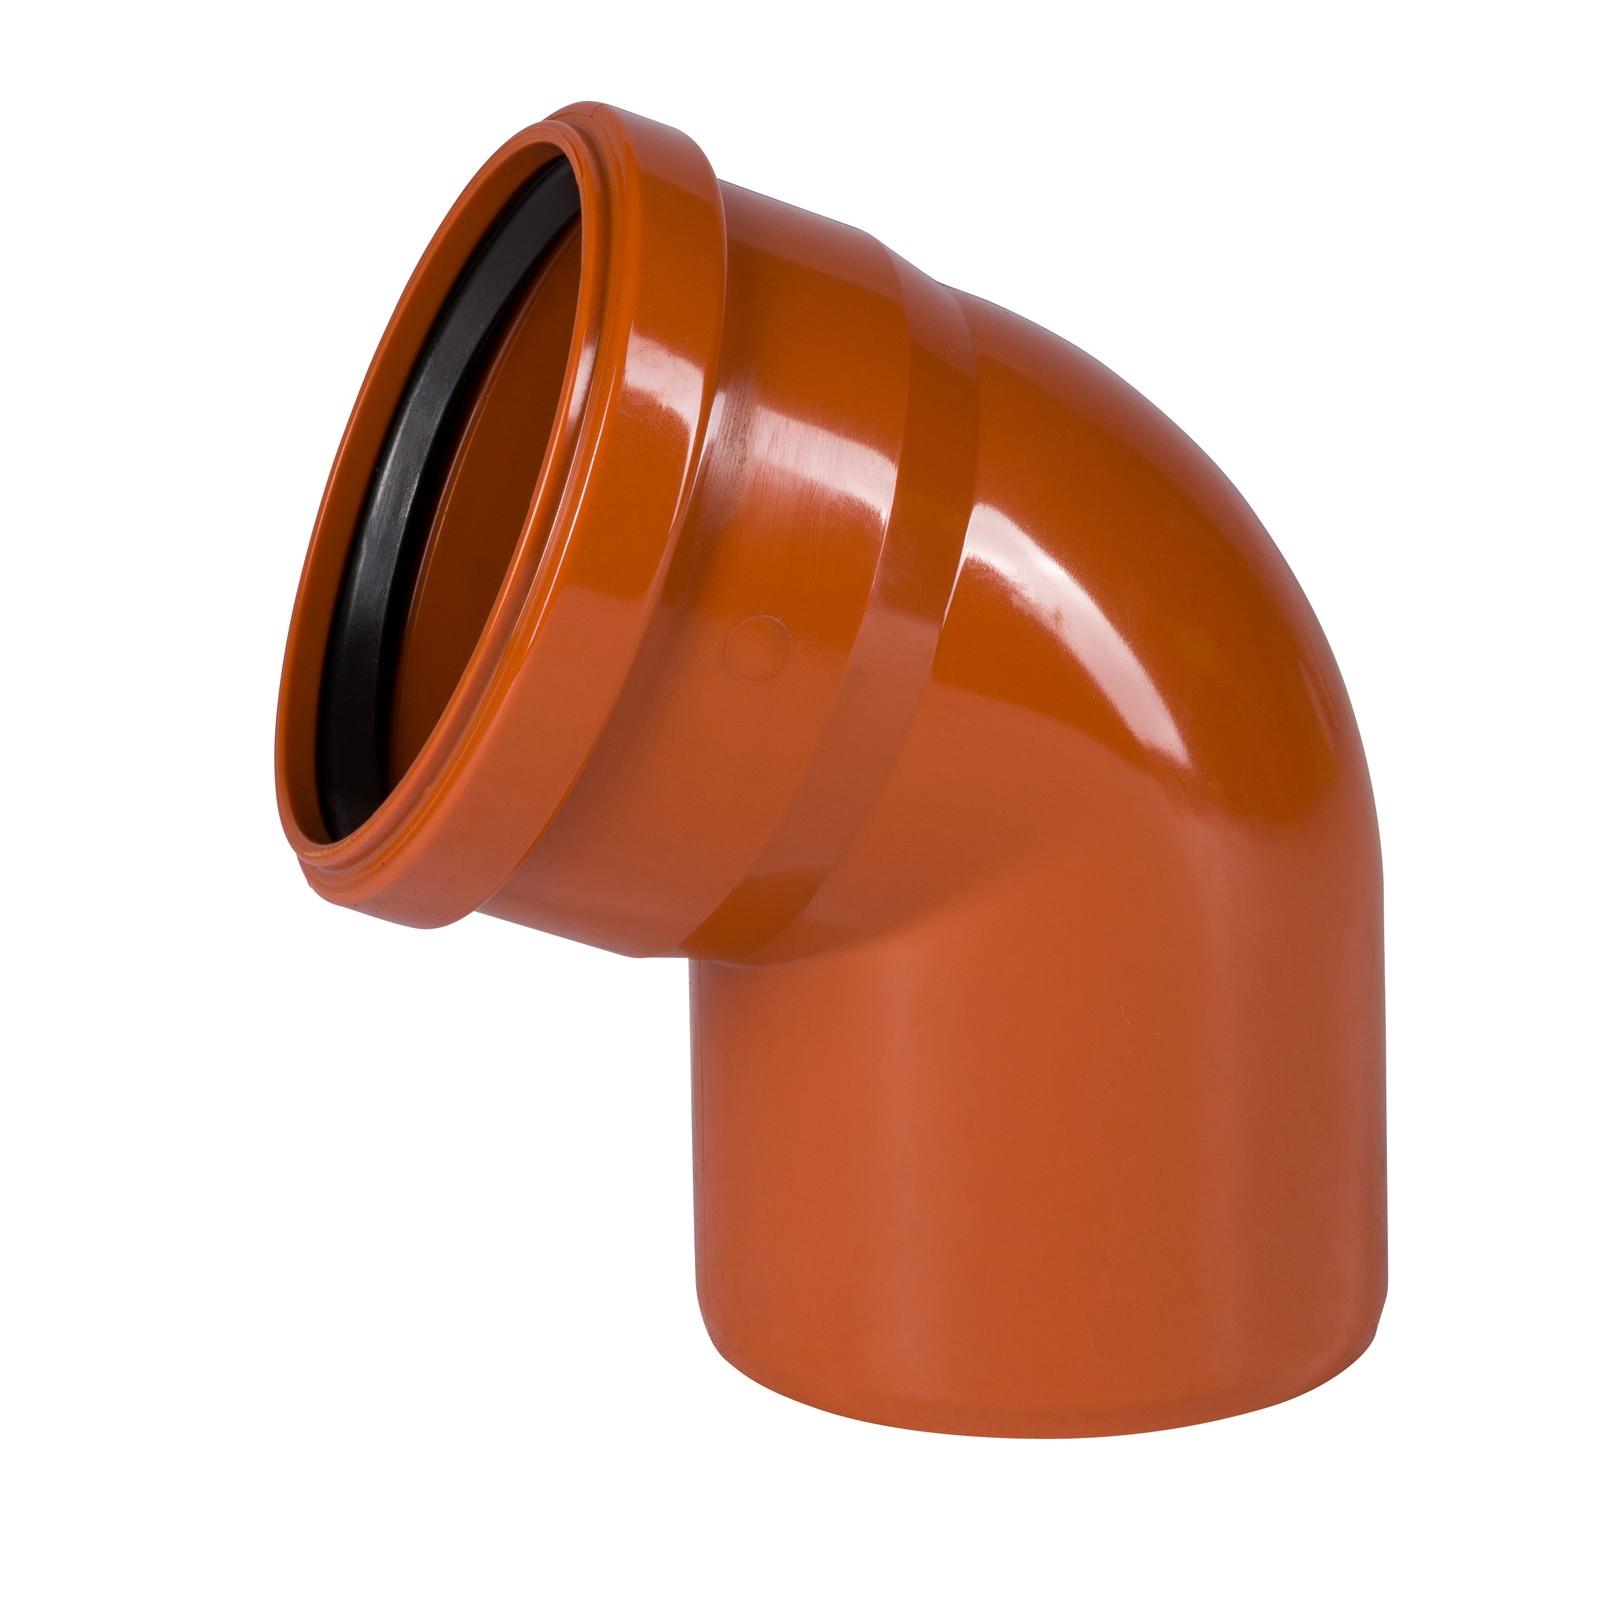 ostendorf kg bogen dn110 67 kgb rohr winkel rohrbogen abwasserrohr kanalrohr ebay. Black Bedroom Furniture Sets. Home Design Ideas